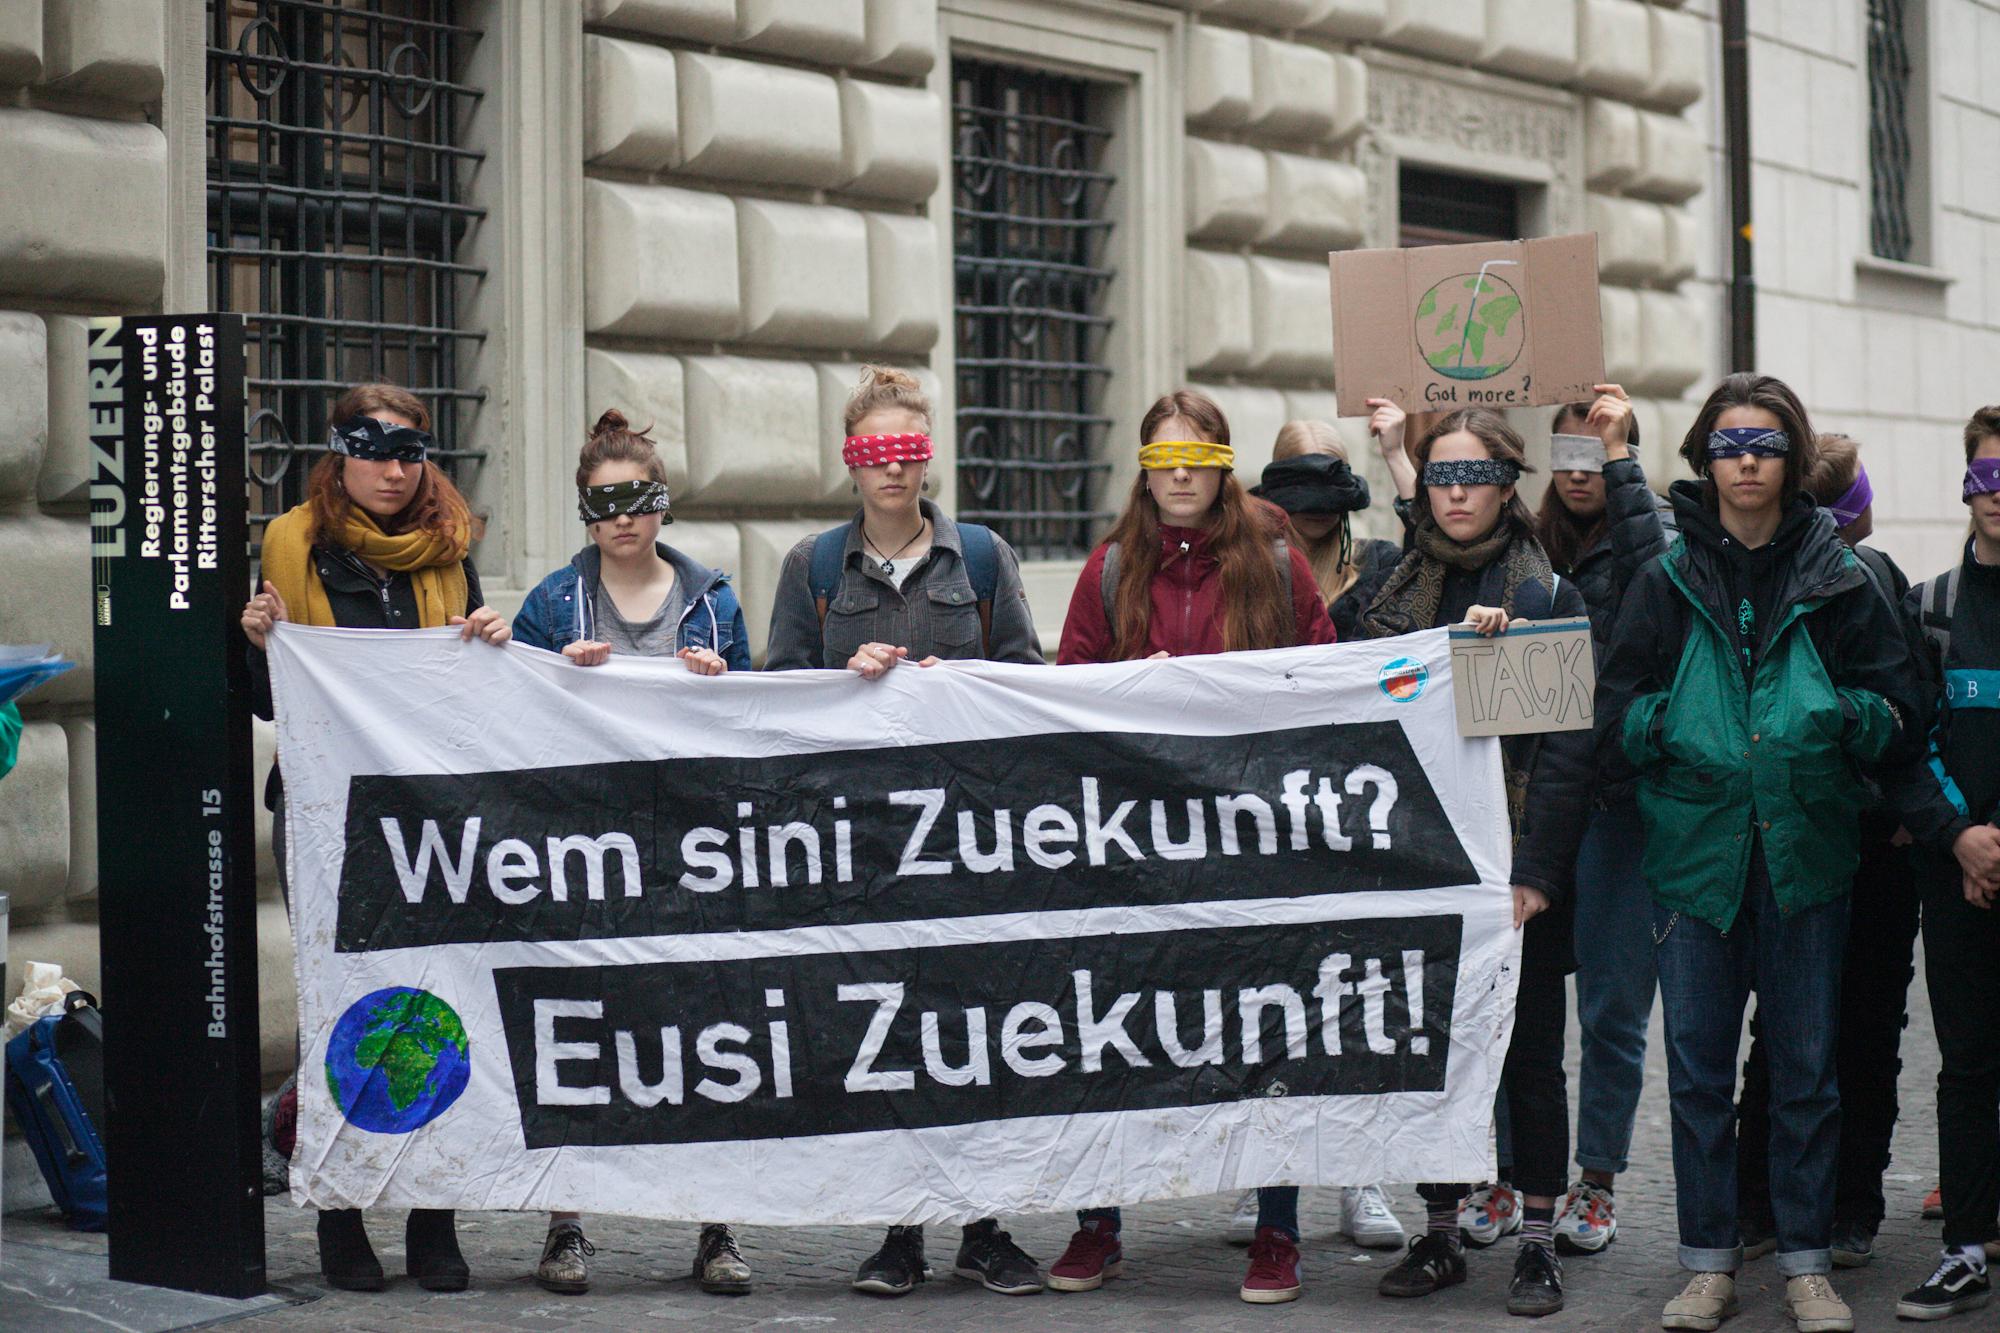 Der Kantonsrat konnte auch durch diese Aktion nicht vom Klimanotstand überzeugt werden.